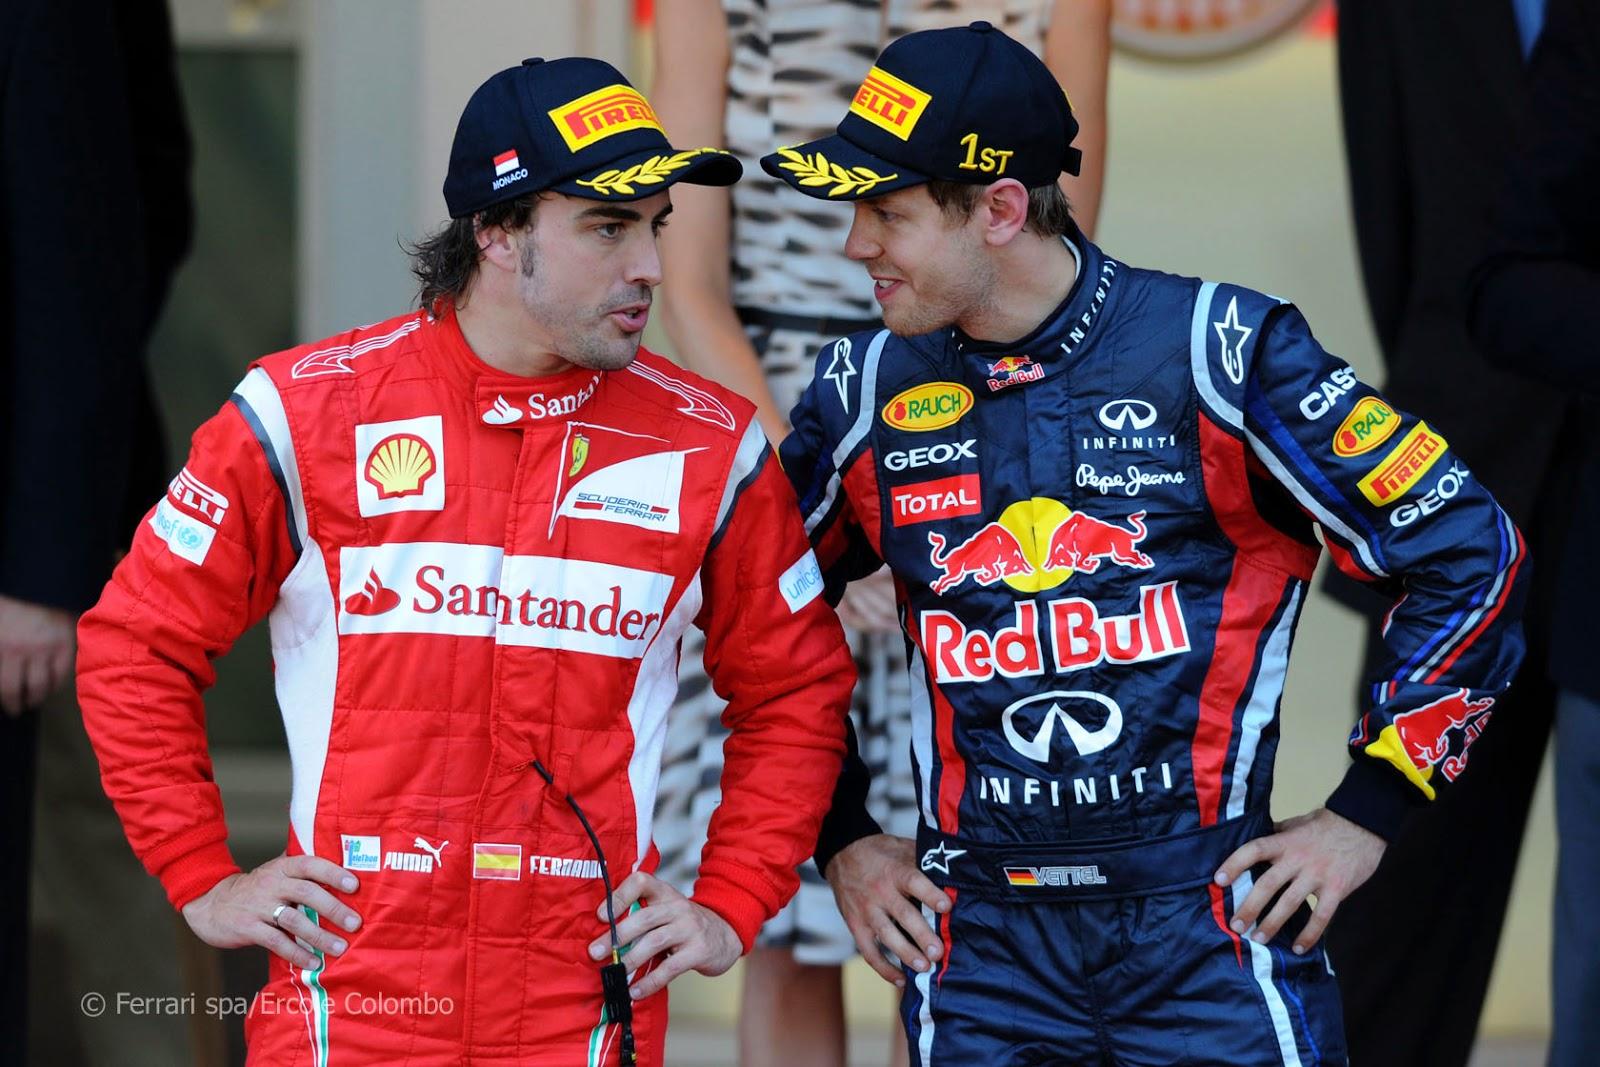 Foto Alonso Vettel | GP Giappone F1 2014 orari diretta streaming qualifiche e gara Ferrari a Suzuka